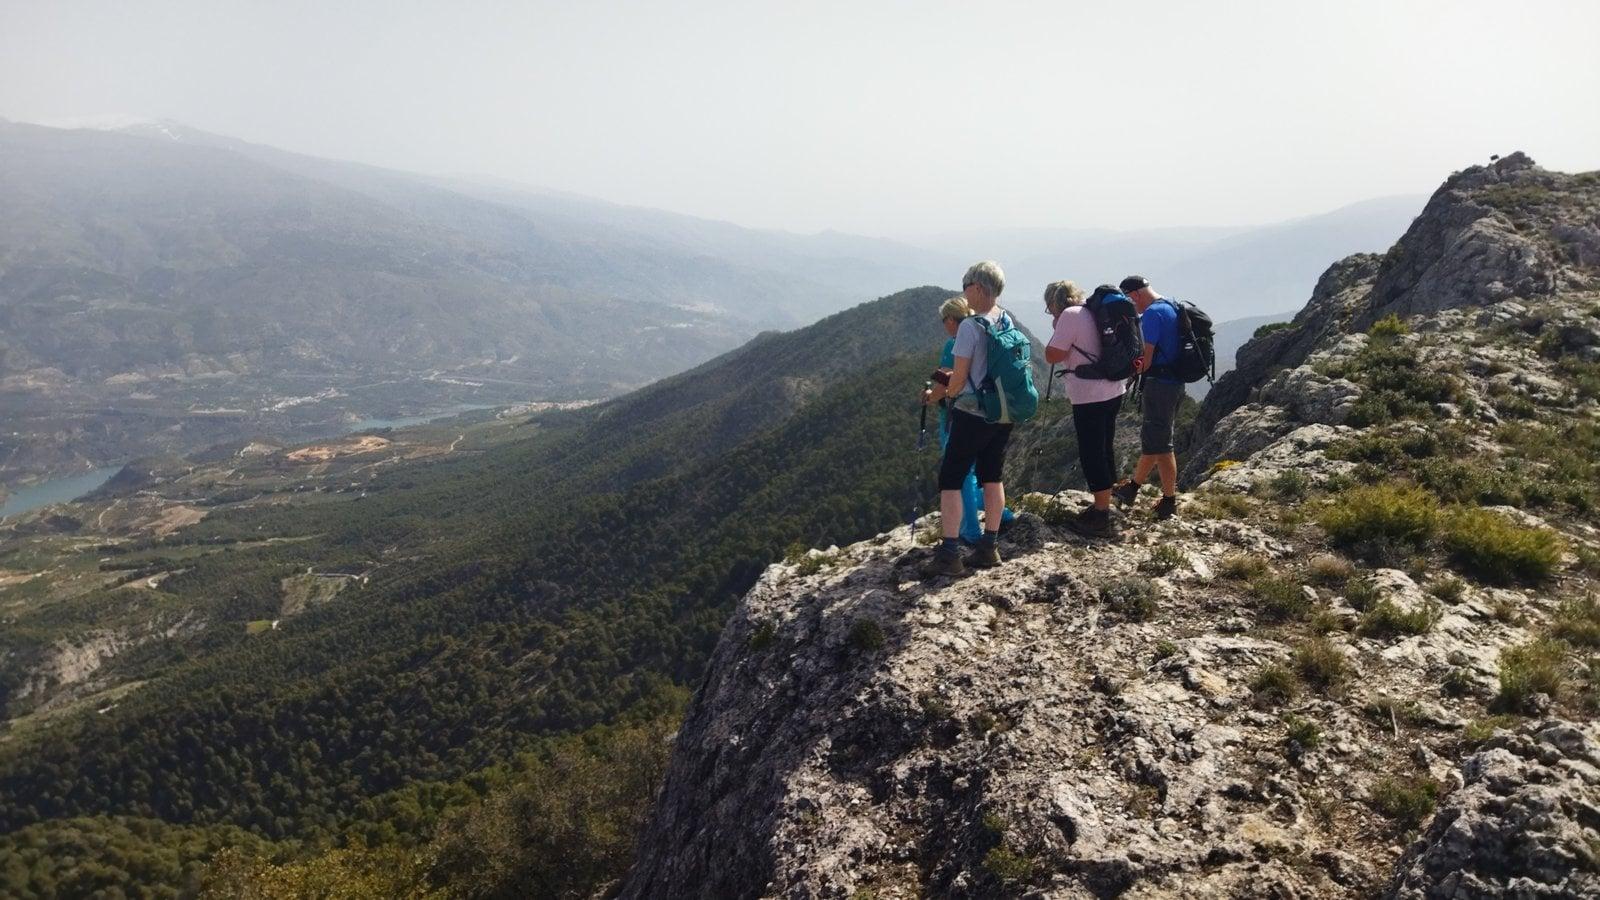 Ascent of Giralda, Lecrin Valley